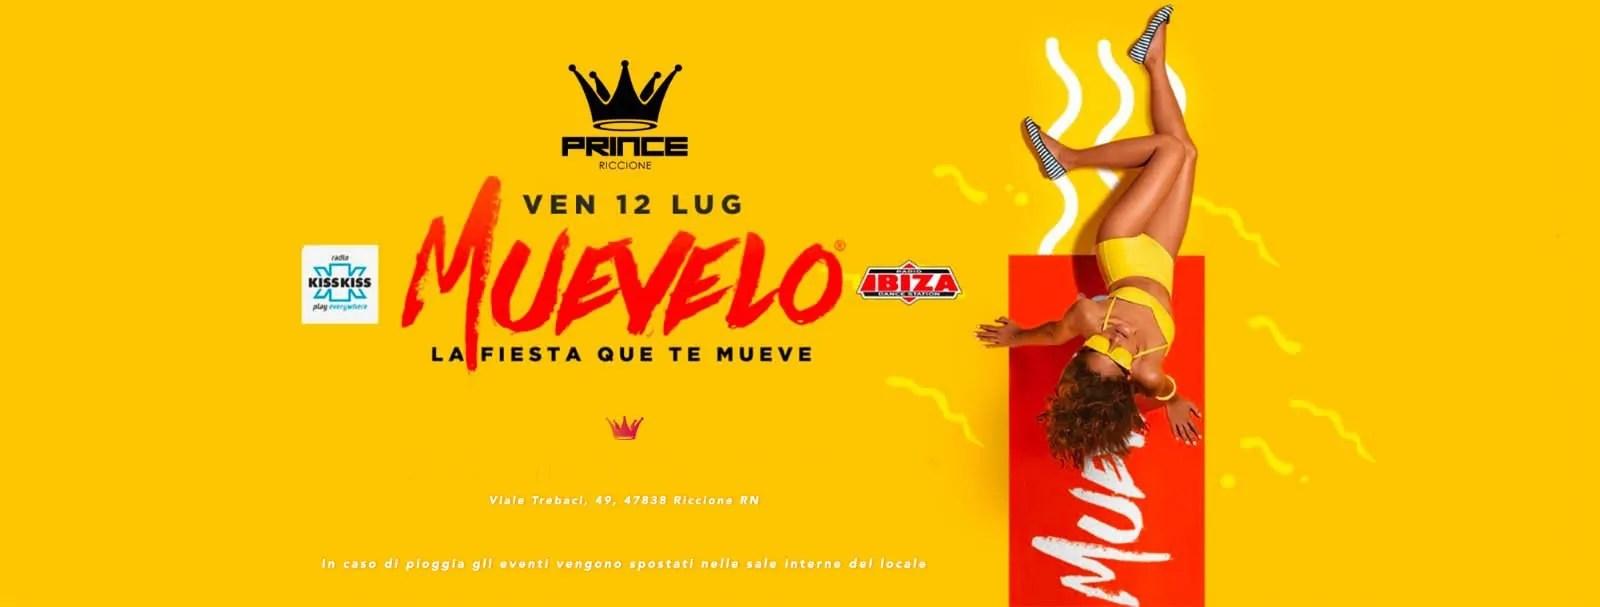 Prince Riccione Muevelo Venerdì 12 Luglio 2019 + Prezzi Ticket/Biglietti/Prevendite 18APP Tavoli Pacchetti hotel